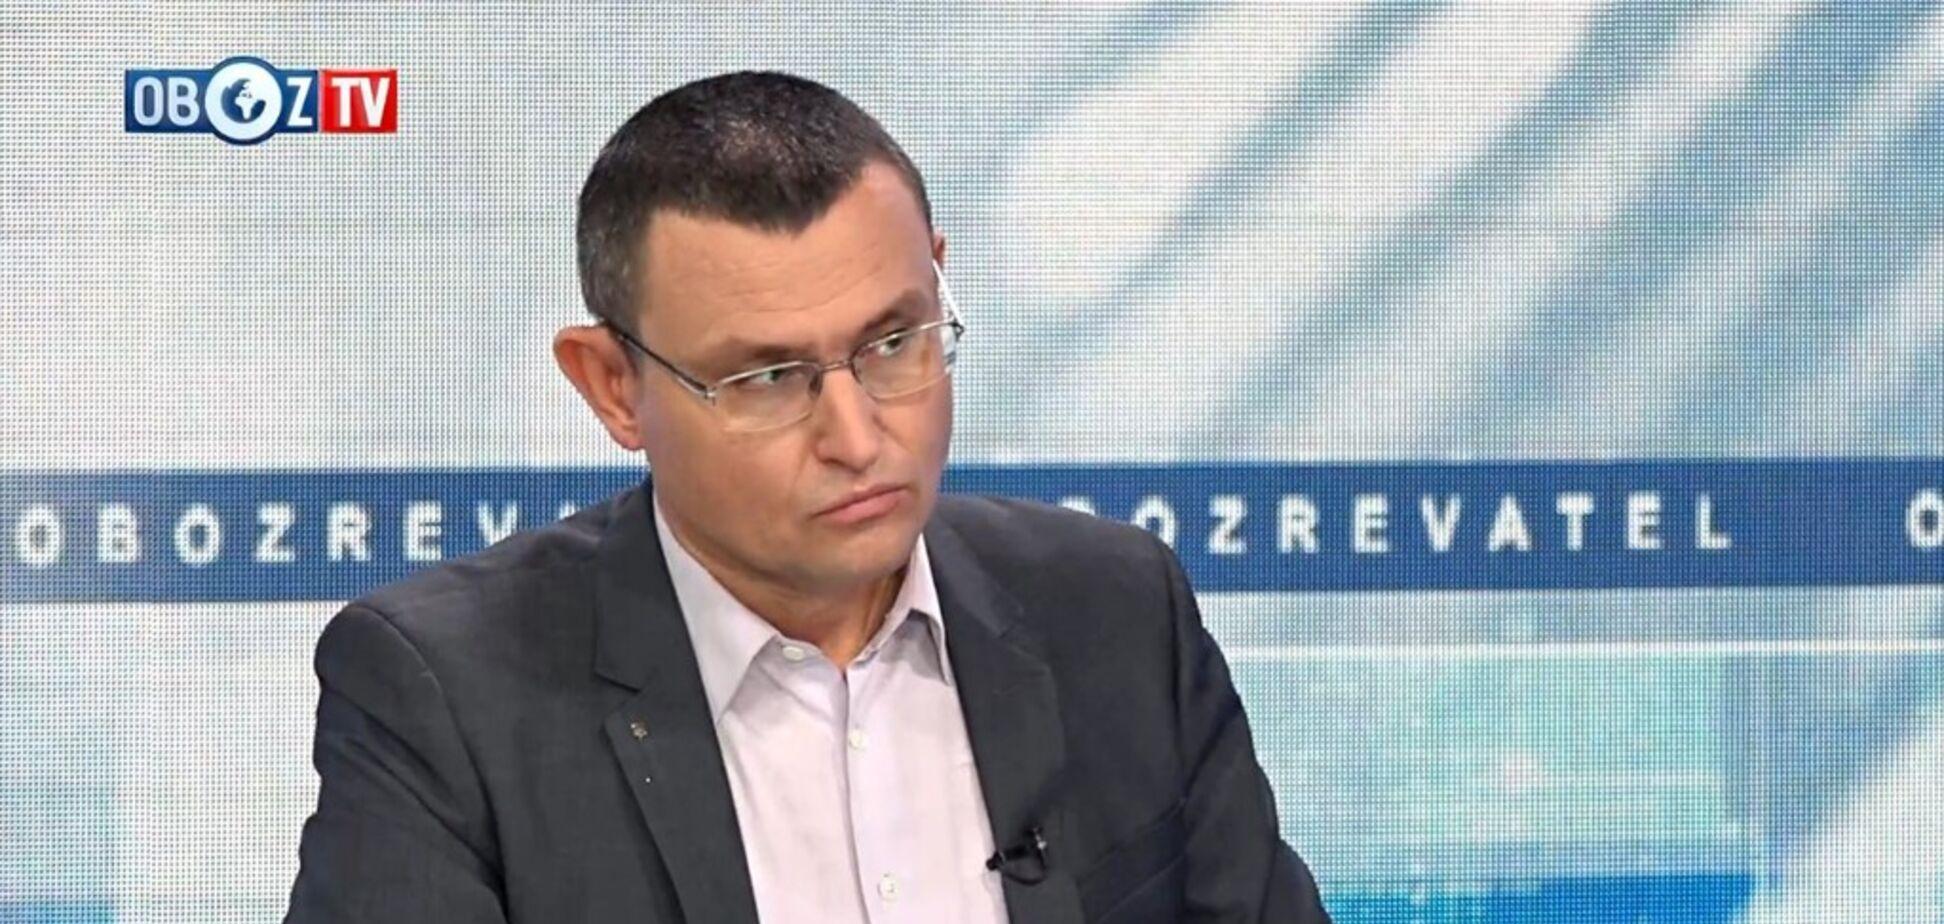 Зросла активність російських військ на Донбасі: коментар військового експерта